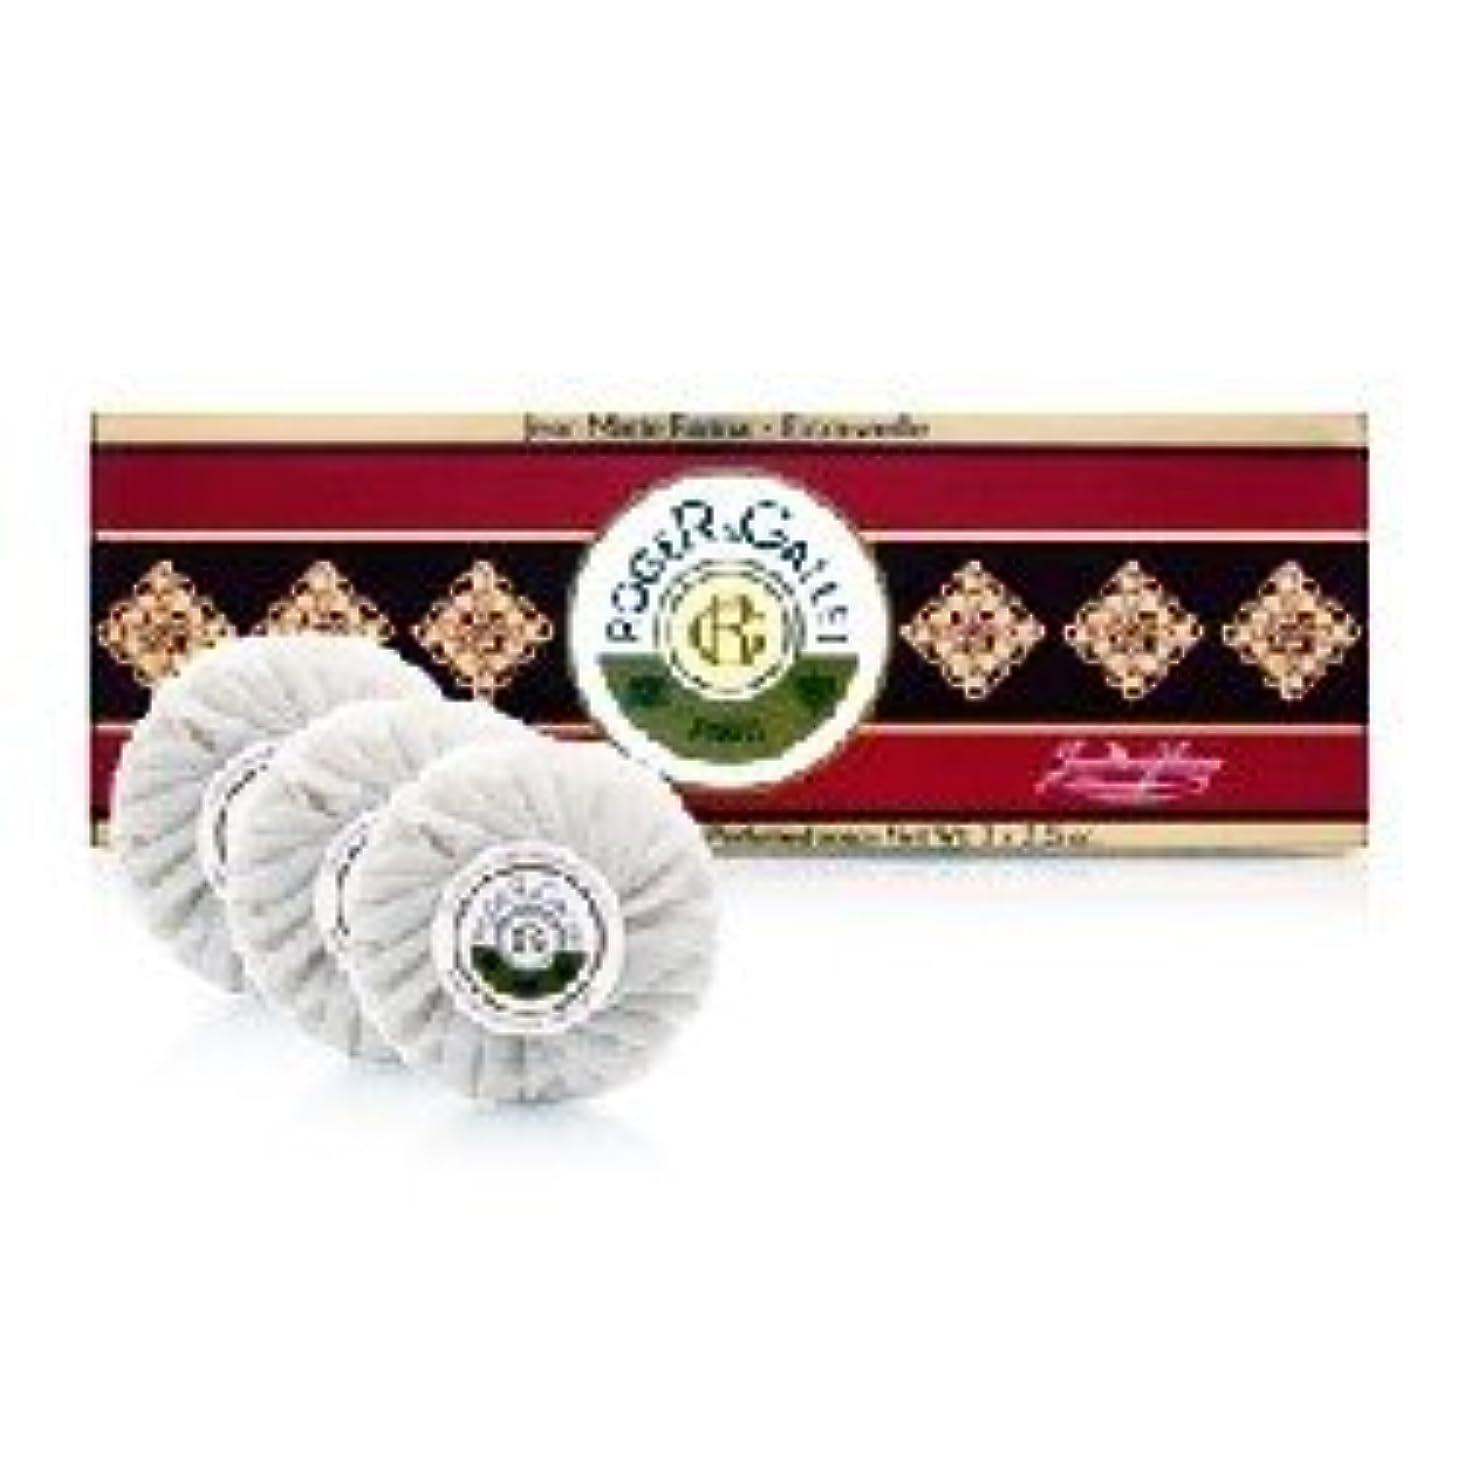 ホラーチーフ極めてロジェガレ ジャンマリーファリナ 香水石鹸3個セット ROGER&GALLET JEAN MARIE FARINA SOAP